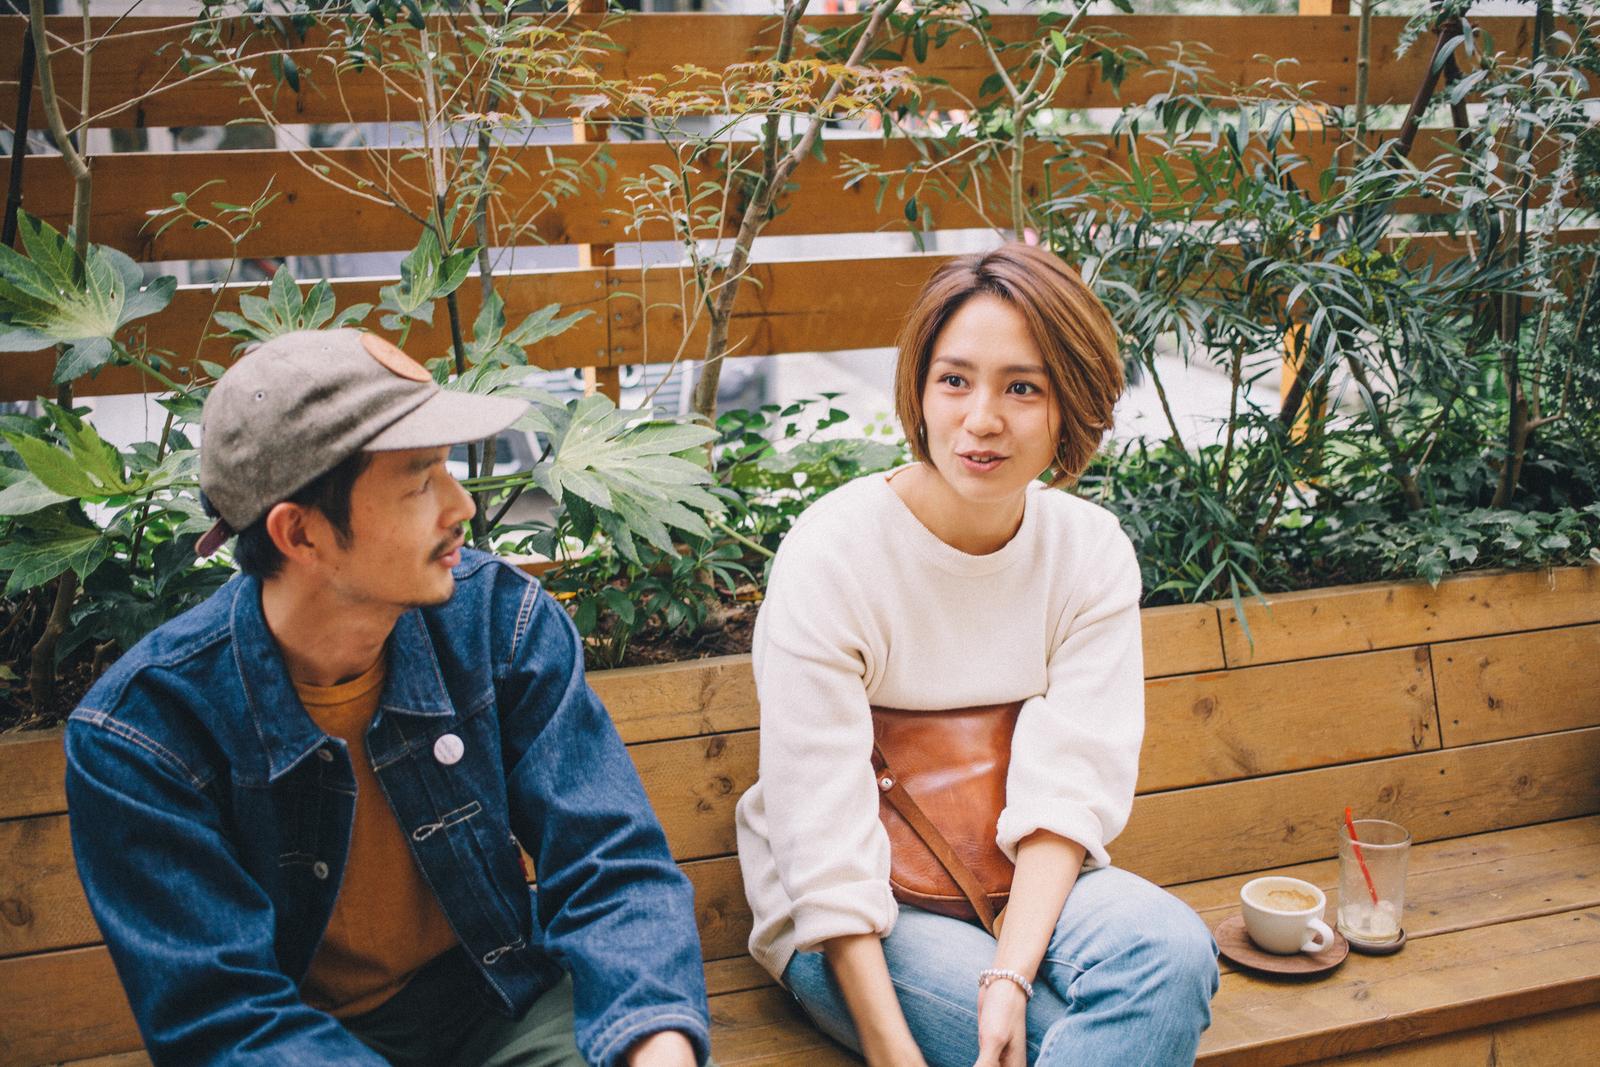 パドラーズコーヒー 松島大介さんと食育インストラクター和田明日香さん